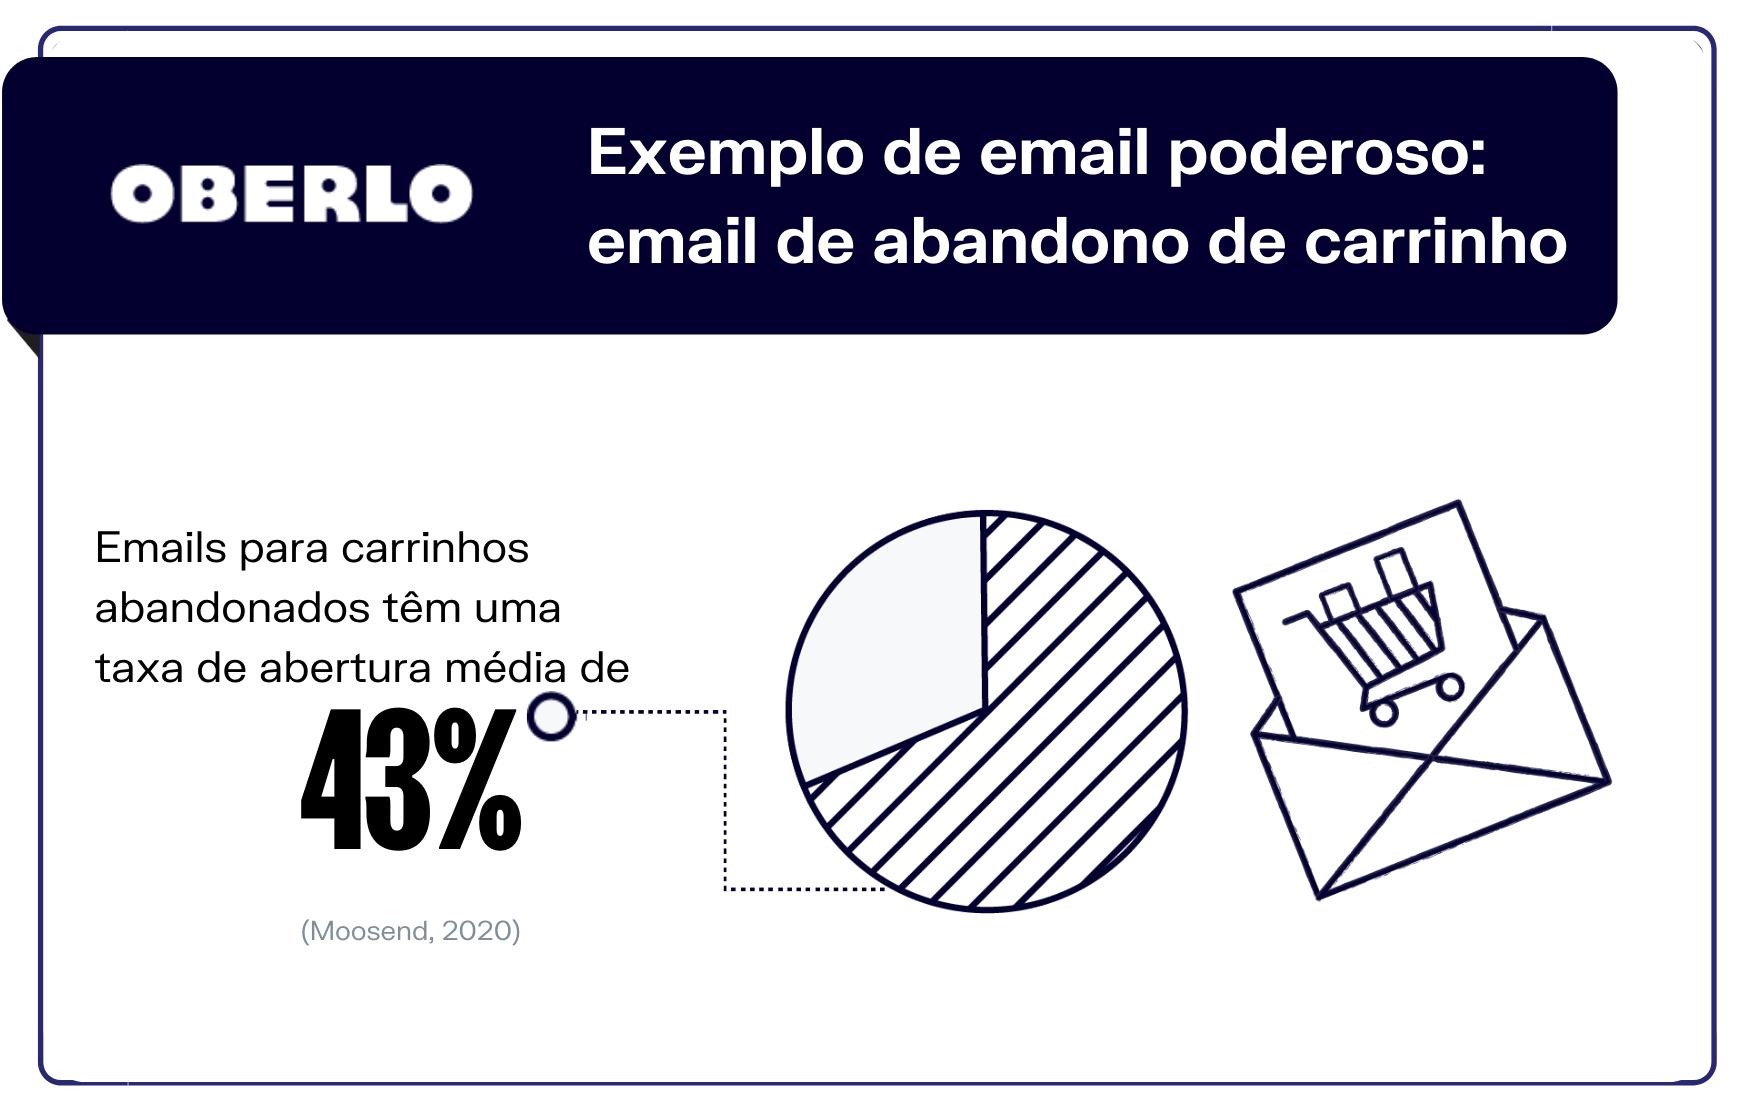 Como saber se o email foi lido - Exemplo de email poderoso: email de abandono de carrinho